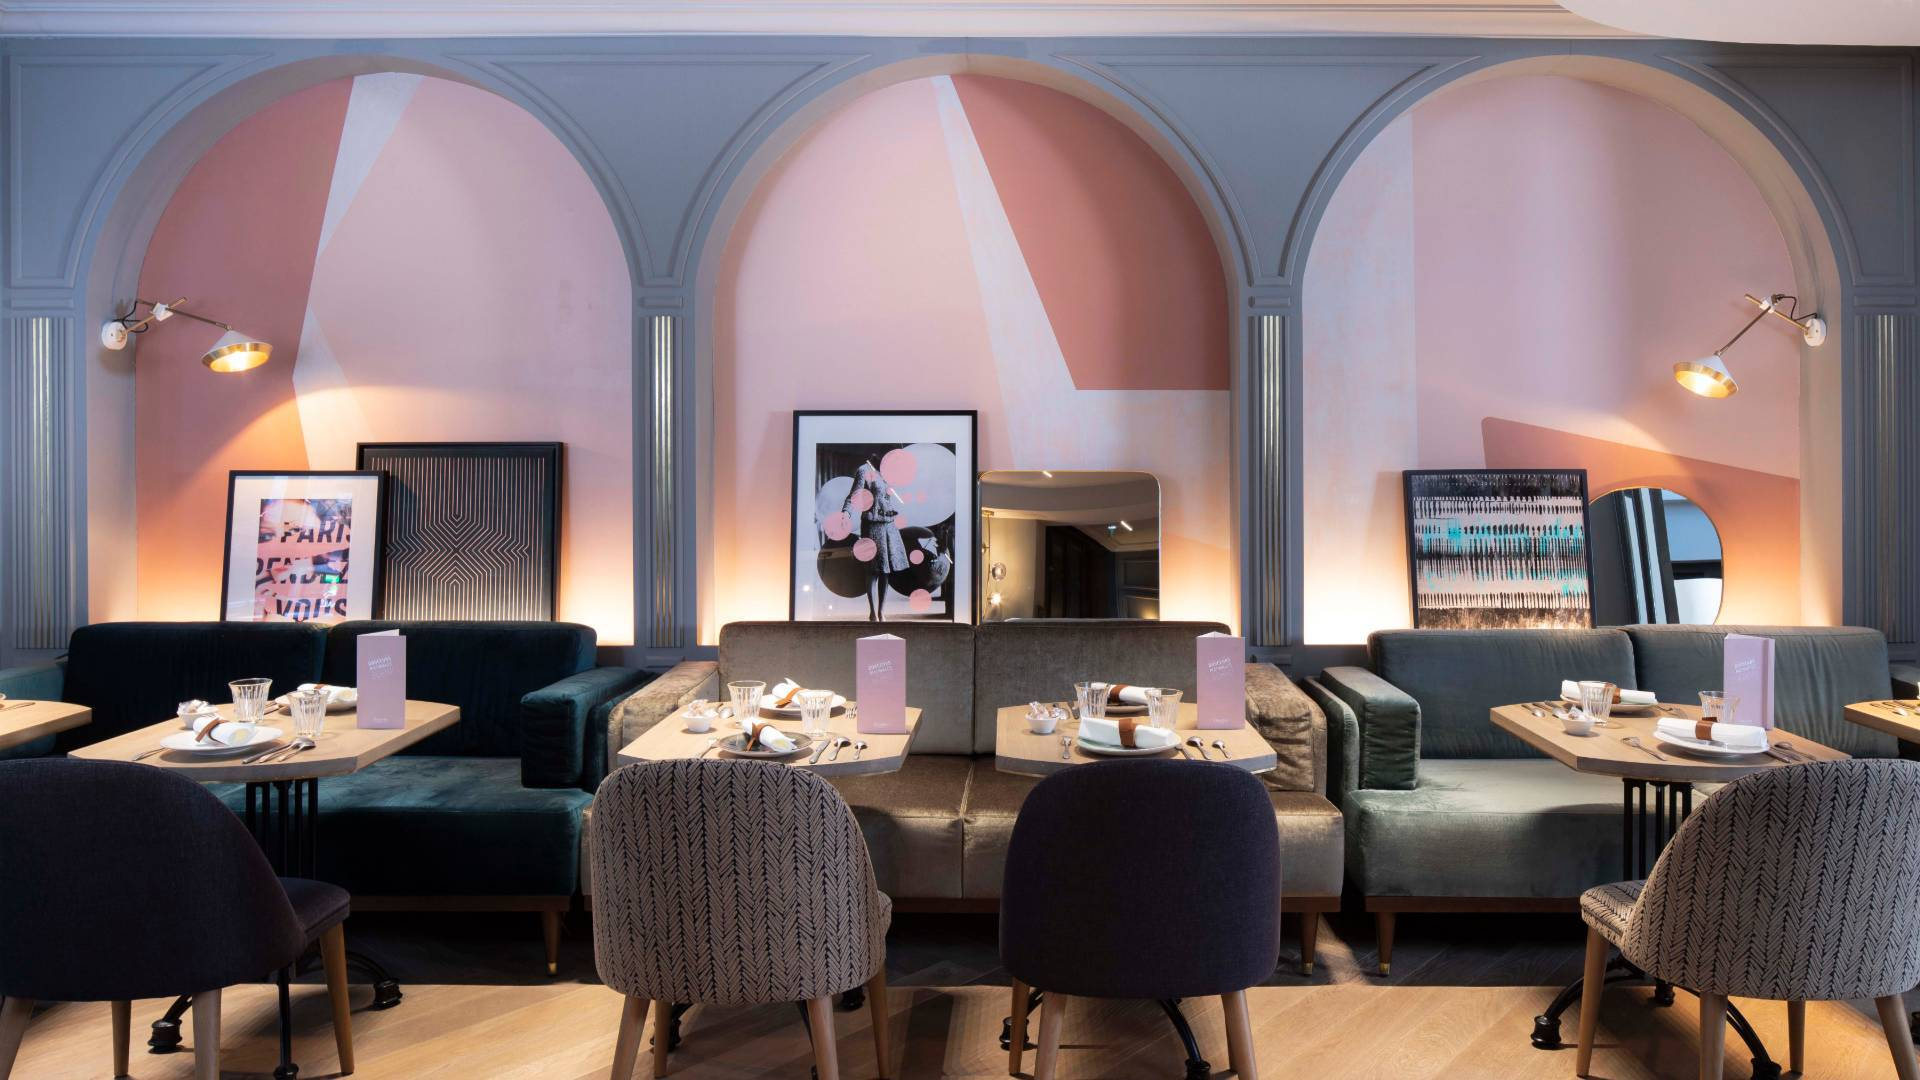 image courtesy of Hôtel Flanelles